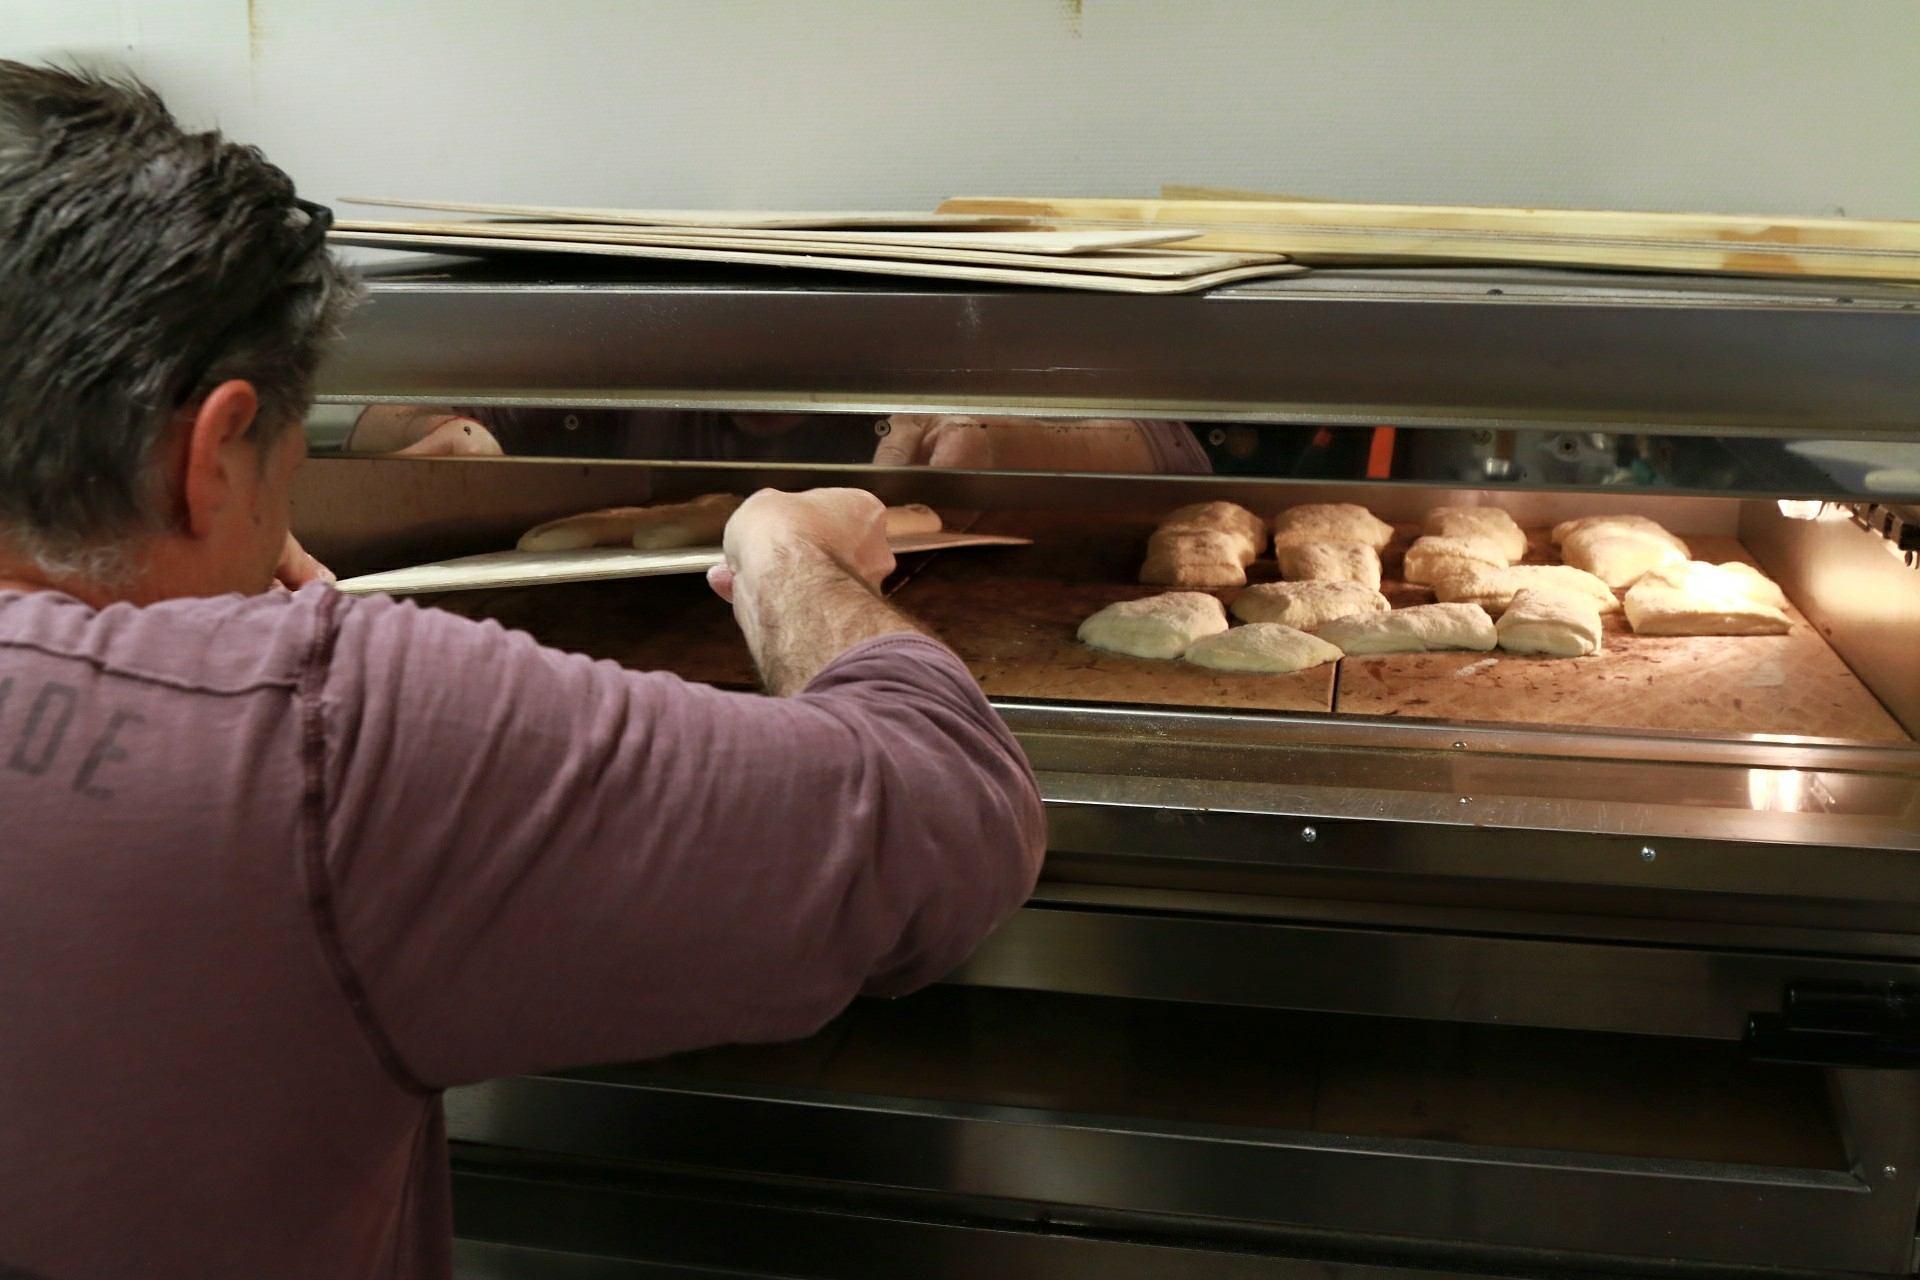 Paistamme leivät ja pizzat omassa uunissamme | Spauna, Kustavi. Kuva Yaron Cohen.